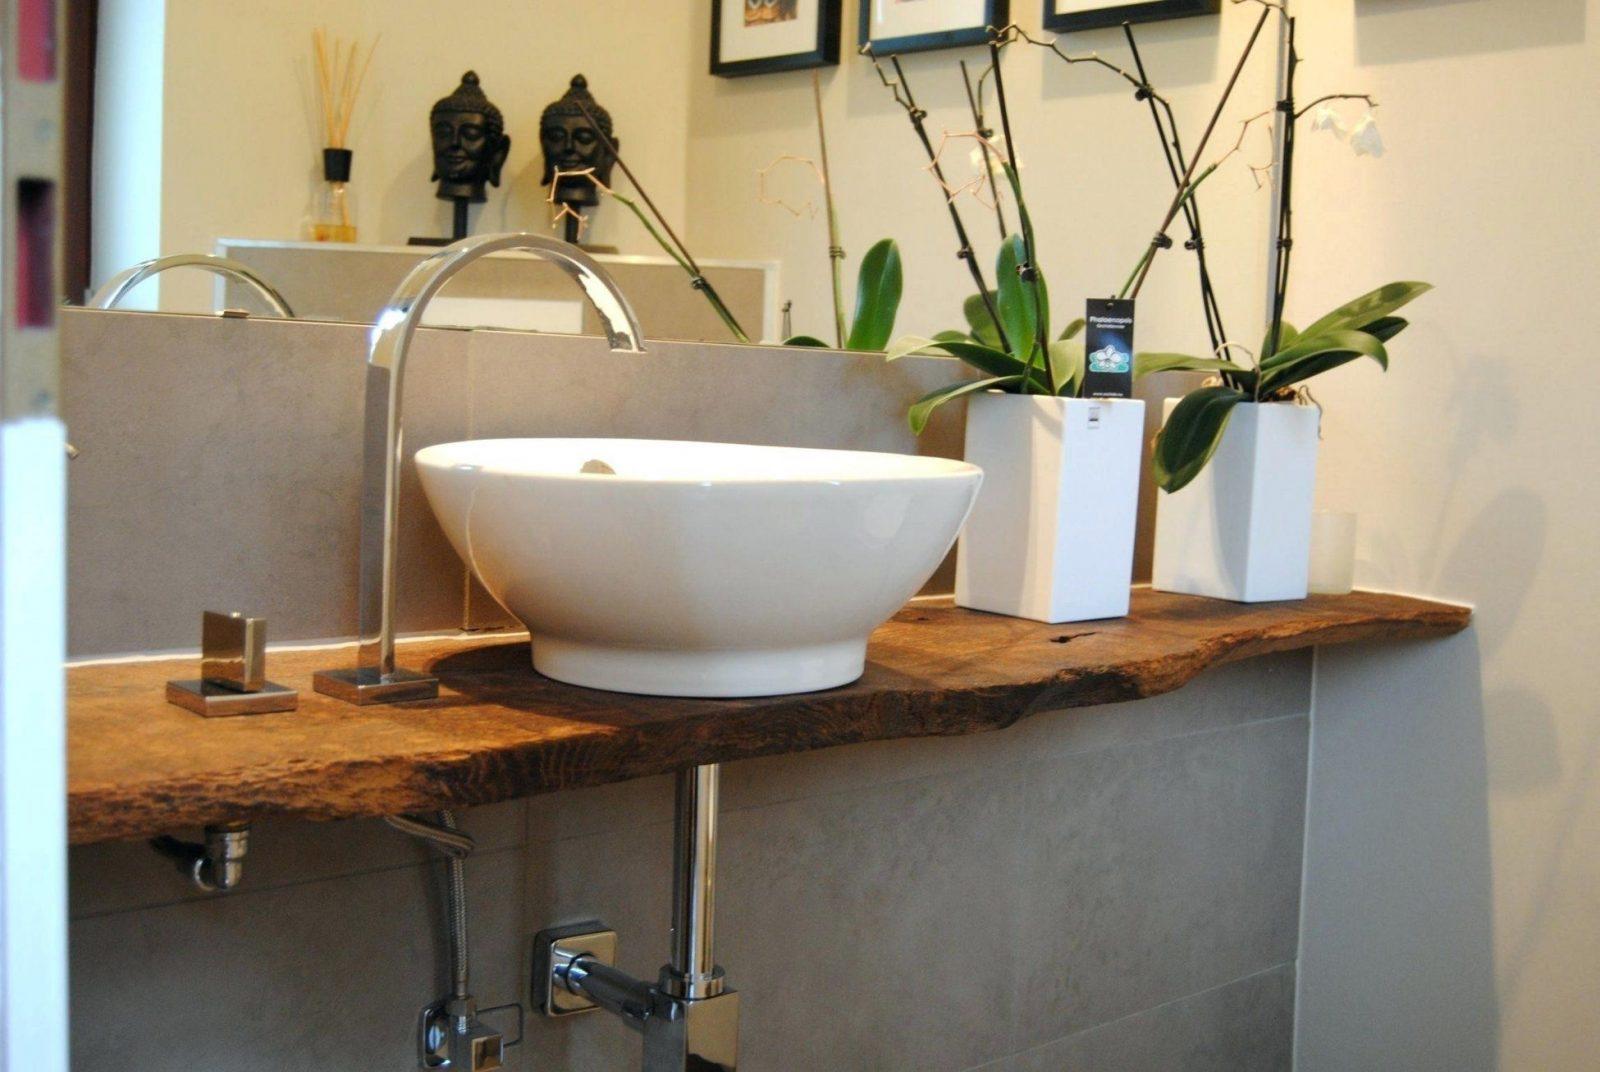 Awesome Waschbeckenunterschrank Holz Selber Bauen von Waschbeckenunterschrank Holz Selber Bauen Bild